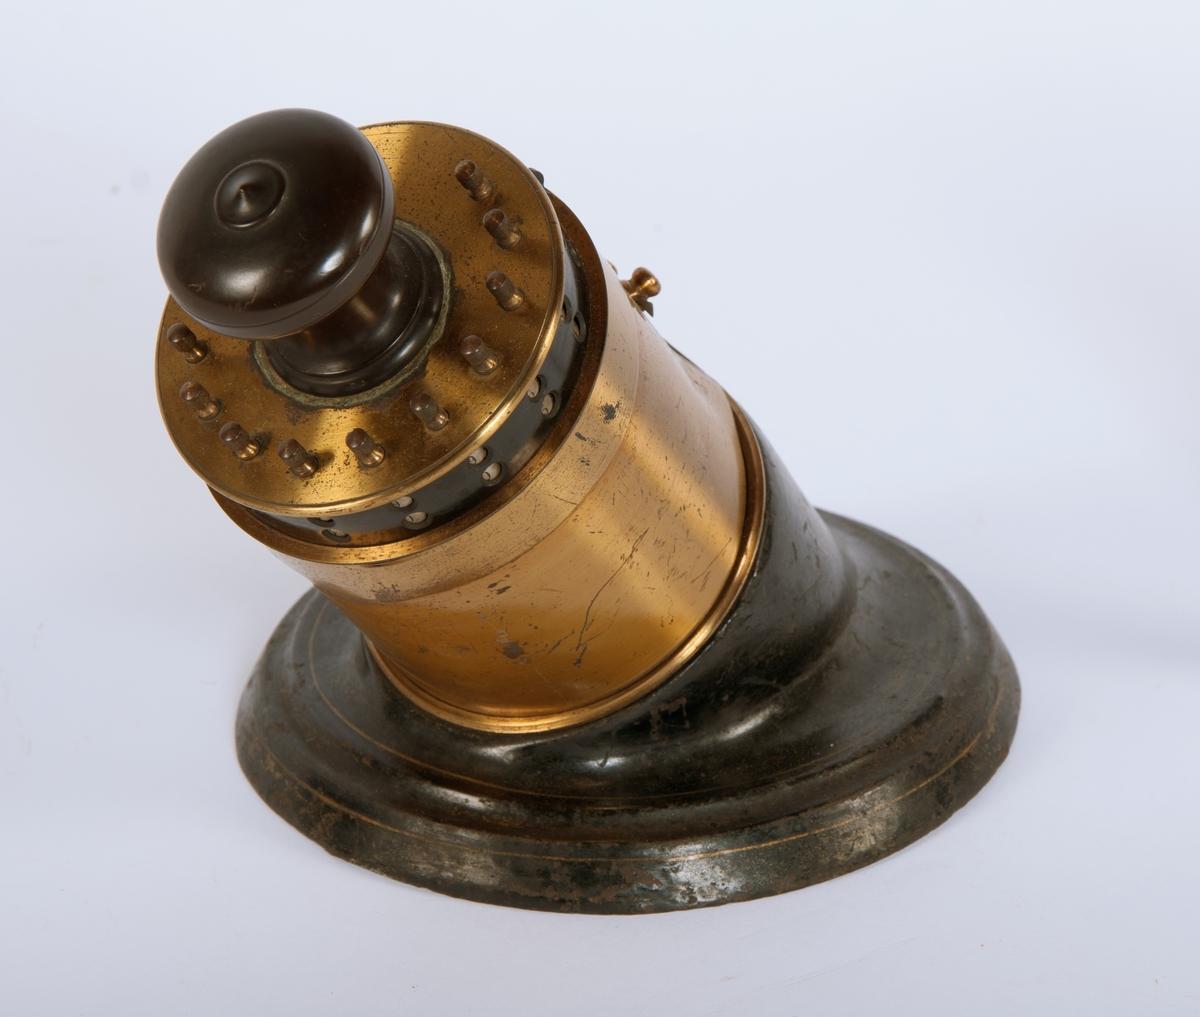 En mekanisk regnemaskin.  6 glidebrytere på forsiden som gjør det mulig å addere eller subtrahere tall fra 0 til 999999 i maskinen. Resultat vises på 12 telletromler på toppstykket. Toppstykket kan tas av og settes på slik at man kan begynne på høyere tall enn første siffer, opp til 6 siffer. Tallet på toppstykket nullstilles ved å dra i fjærbelastet spak på toppstykket når toppstykket er løftet av maskinen. På grunn av slitasje på tannhjul fungerer ikke denne funksjonen og låser alle tromlene i toppstykket dersom den blir utført.  En teller nederst på midtstykket angir antall utførte operasjoner.  Mangler nøkkel.